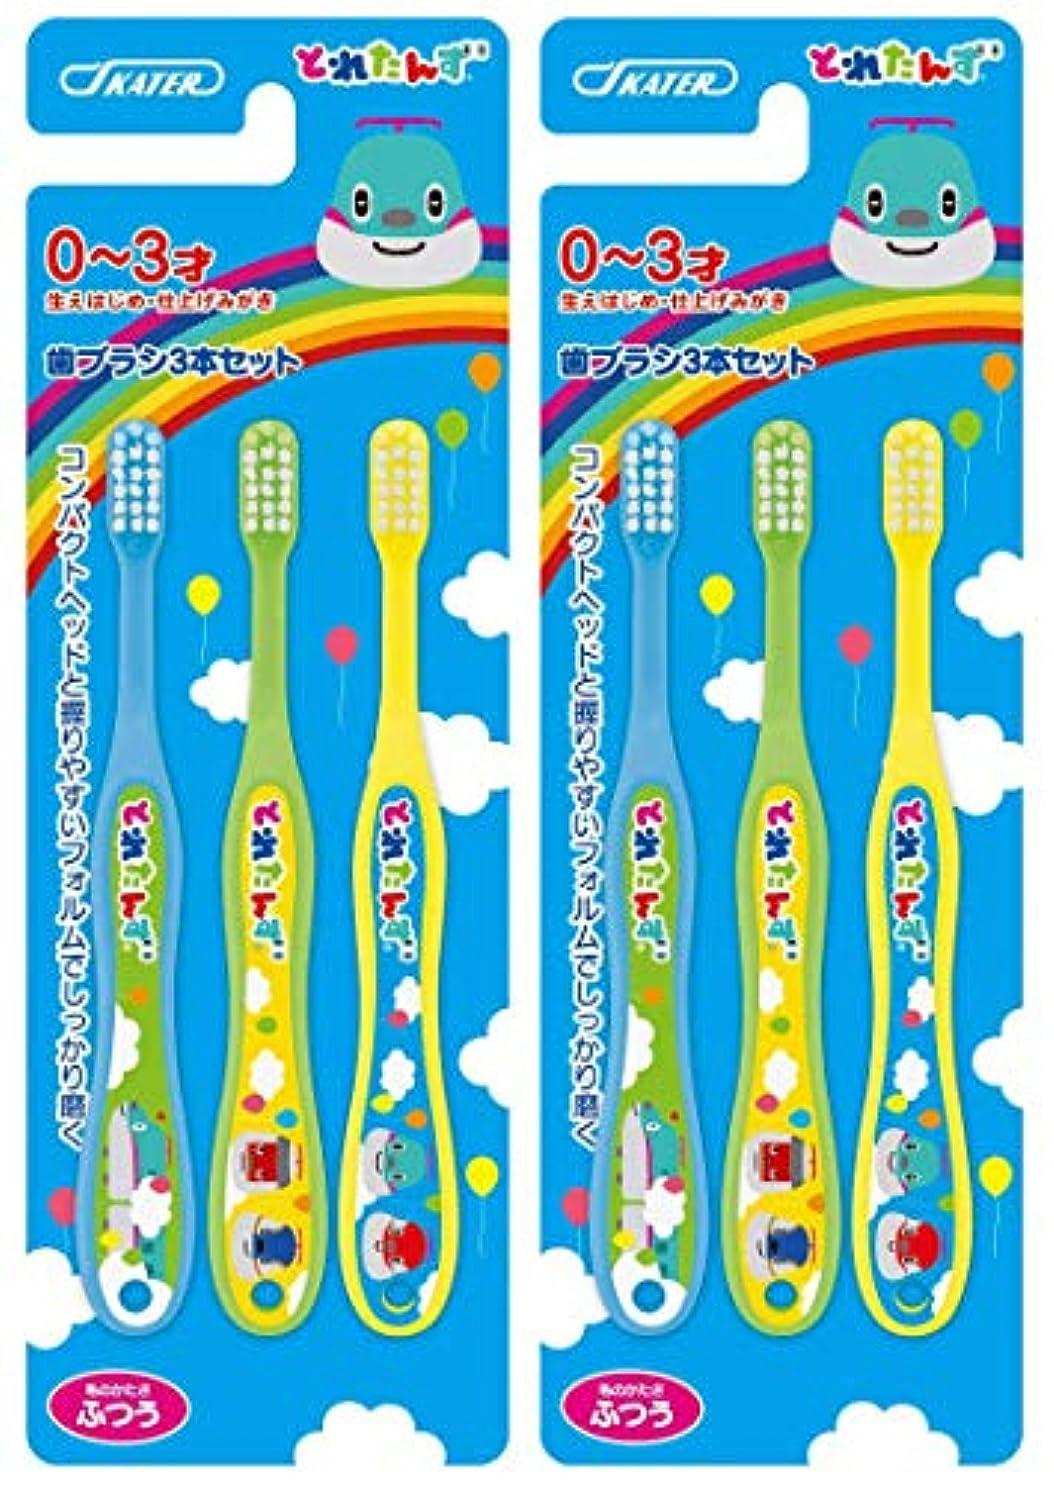 ギャザーレジデンス嫌いスケーター 歯ブラシ 幼児期用 0-3才 普通 6本セット (3本セット×2個) とれたんず 15cm TB4T